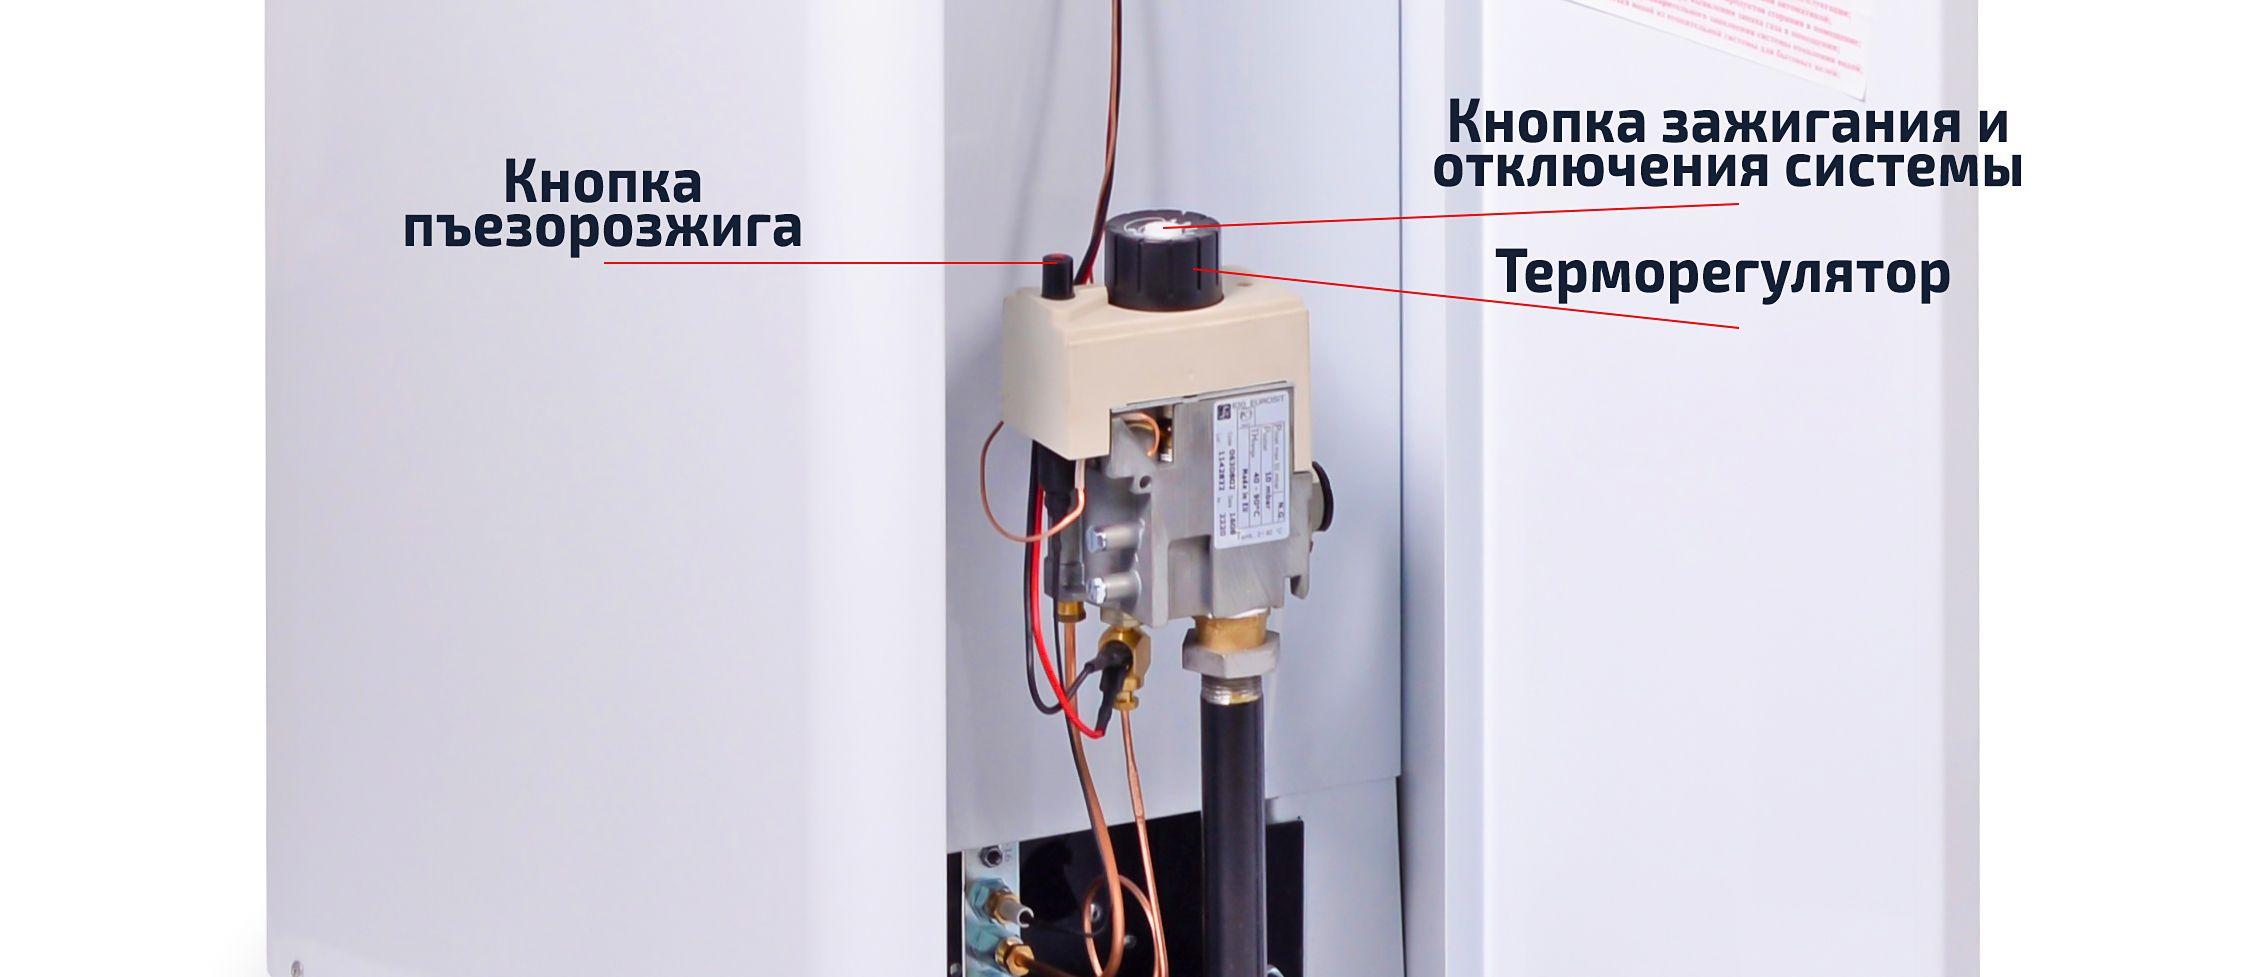 Instrukciya-po-zapusku-gazovogo-kotla-Danko.jpg